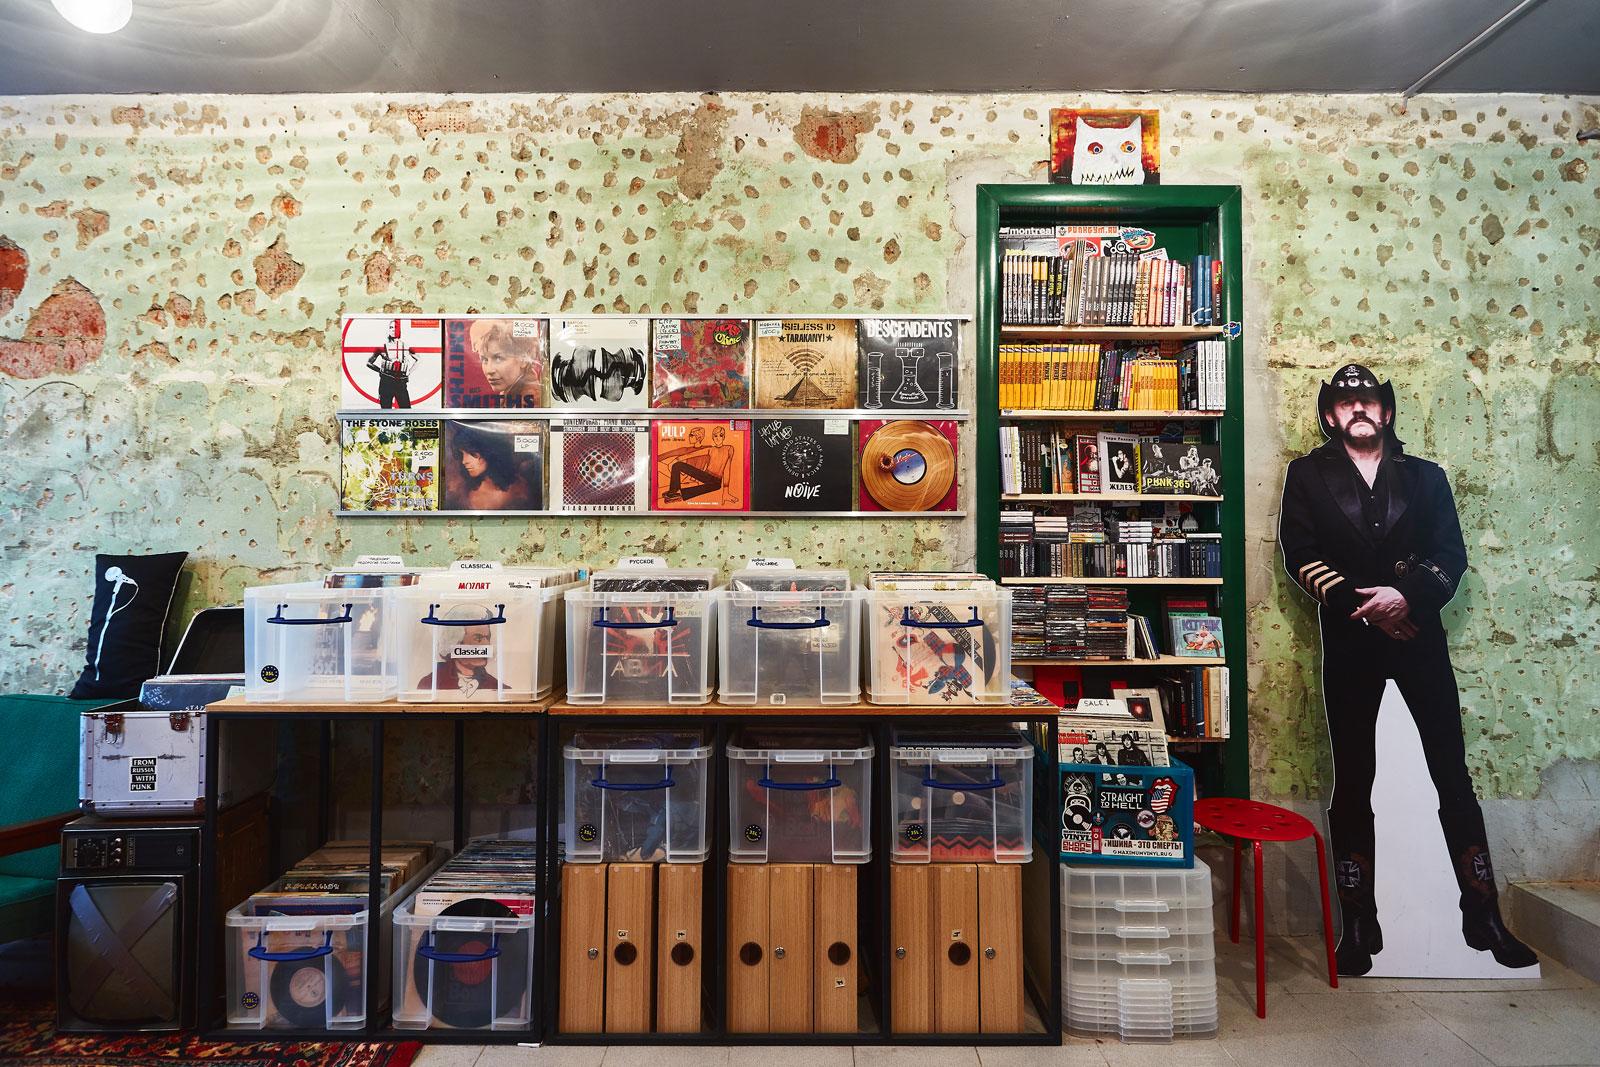 Продажа Виниловых Пластинок В Москве Магазин Винил